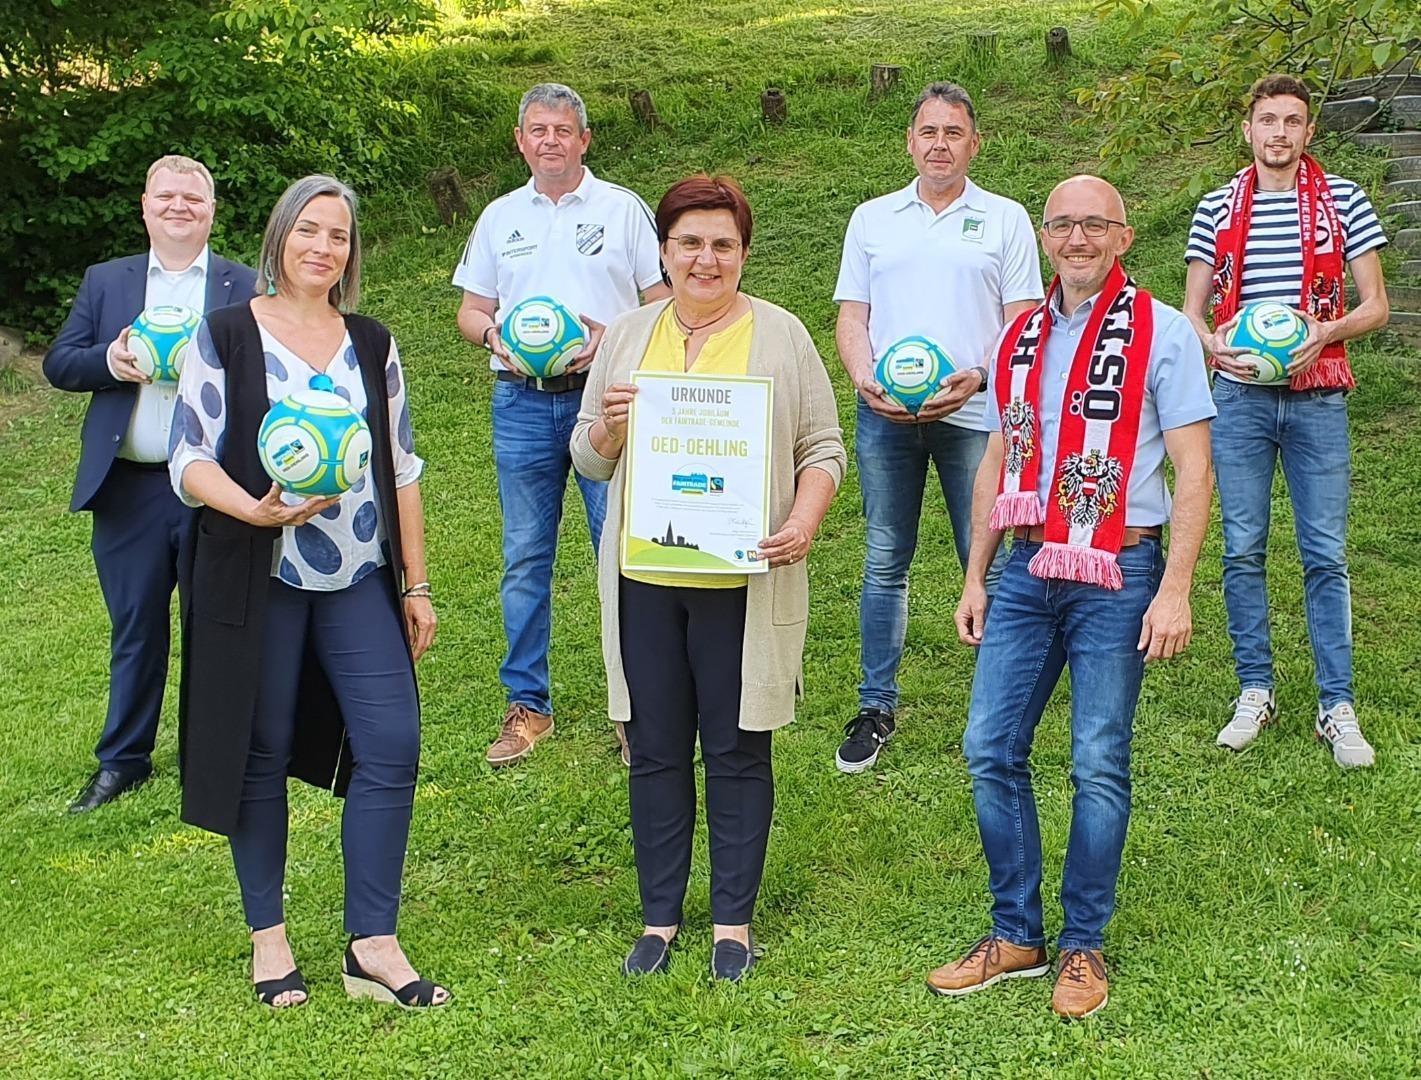 Foto - Fairtrade und Fussball verbindet in Oed-Oehling.jpg